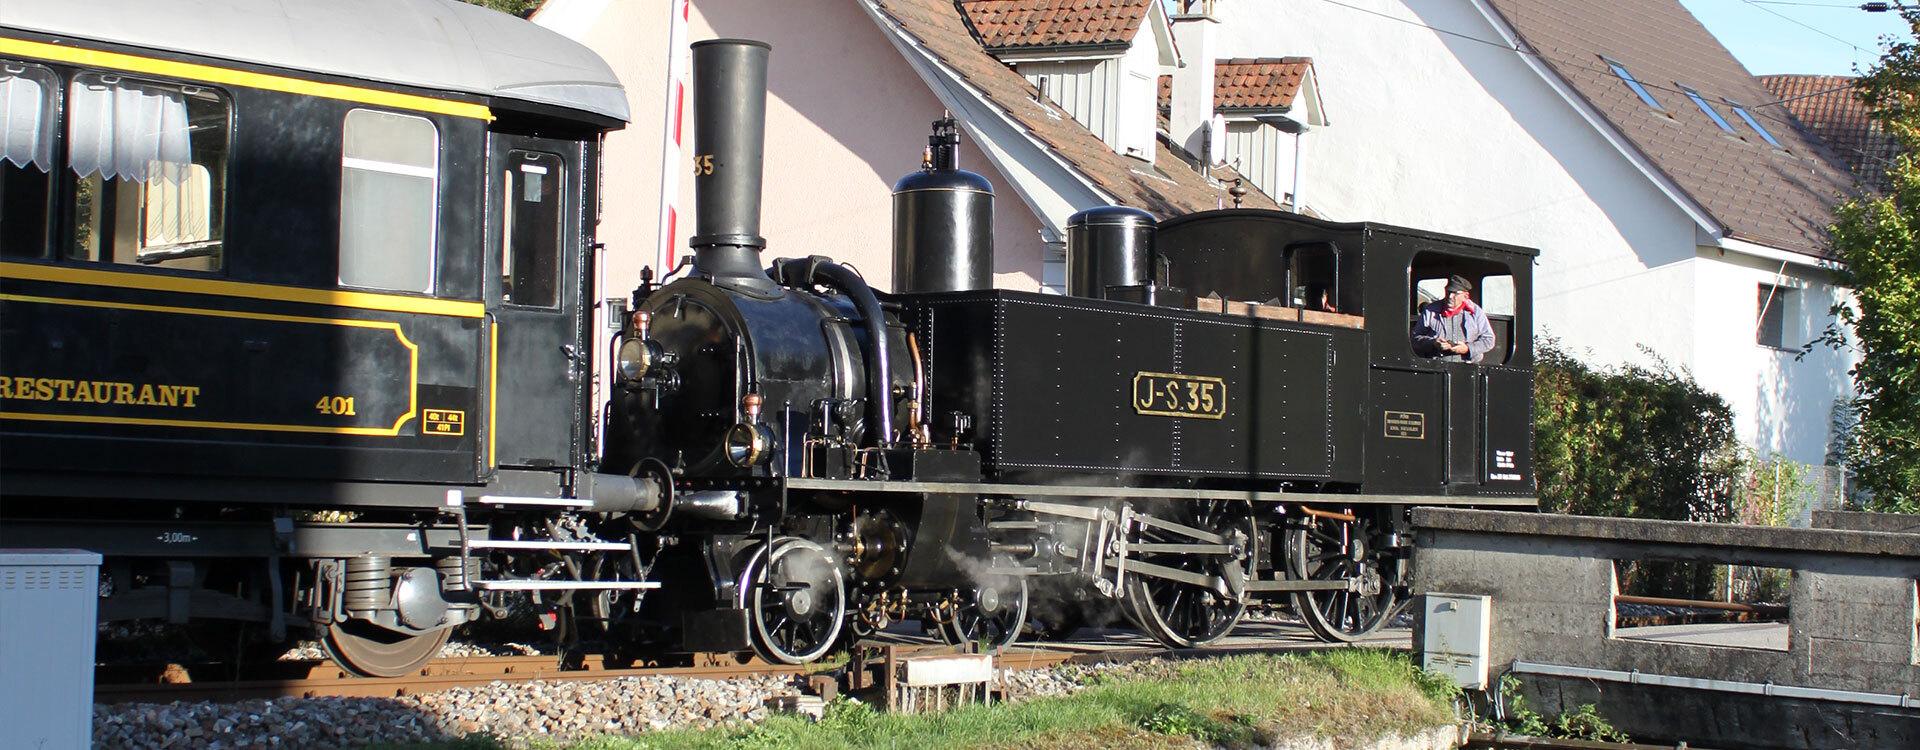 Unsere Flotte - Oensingen-Balsthal-Bahn AG